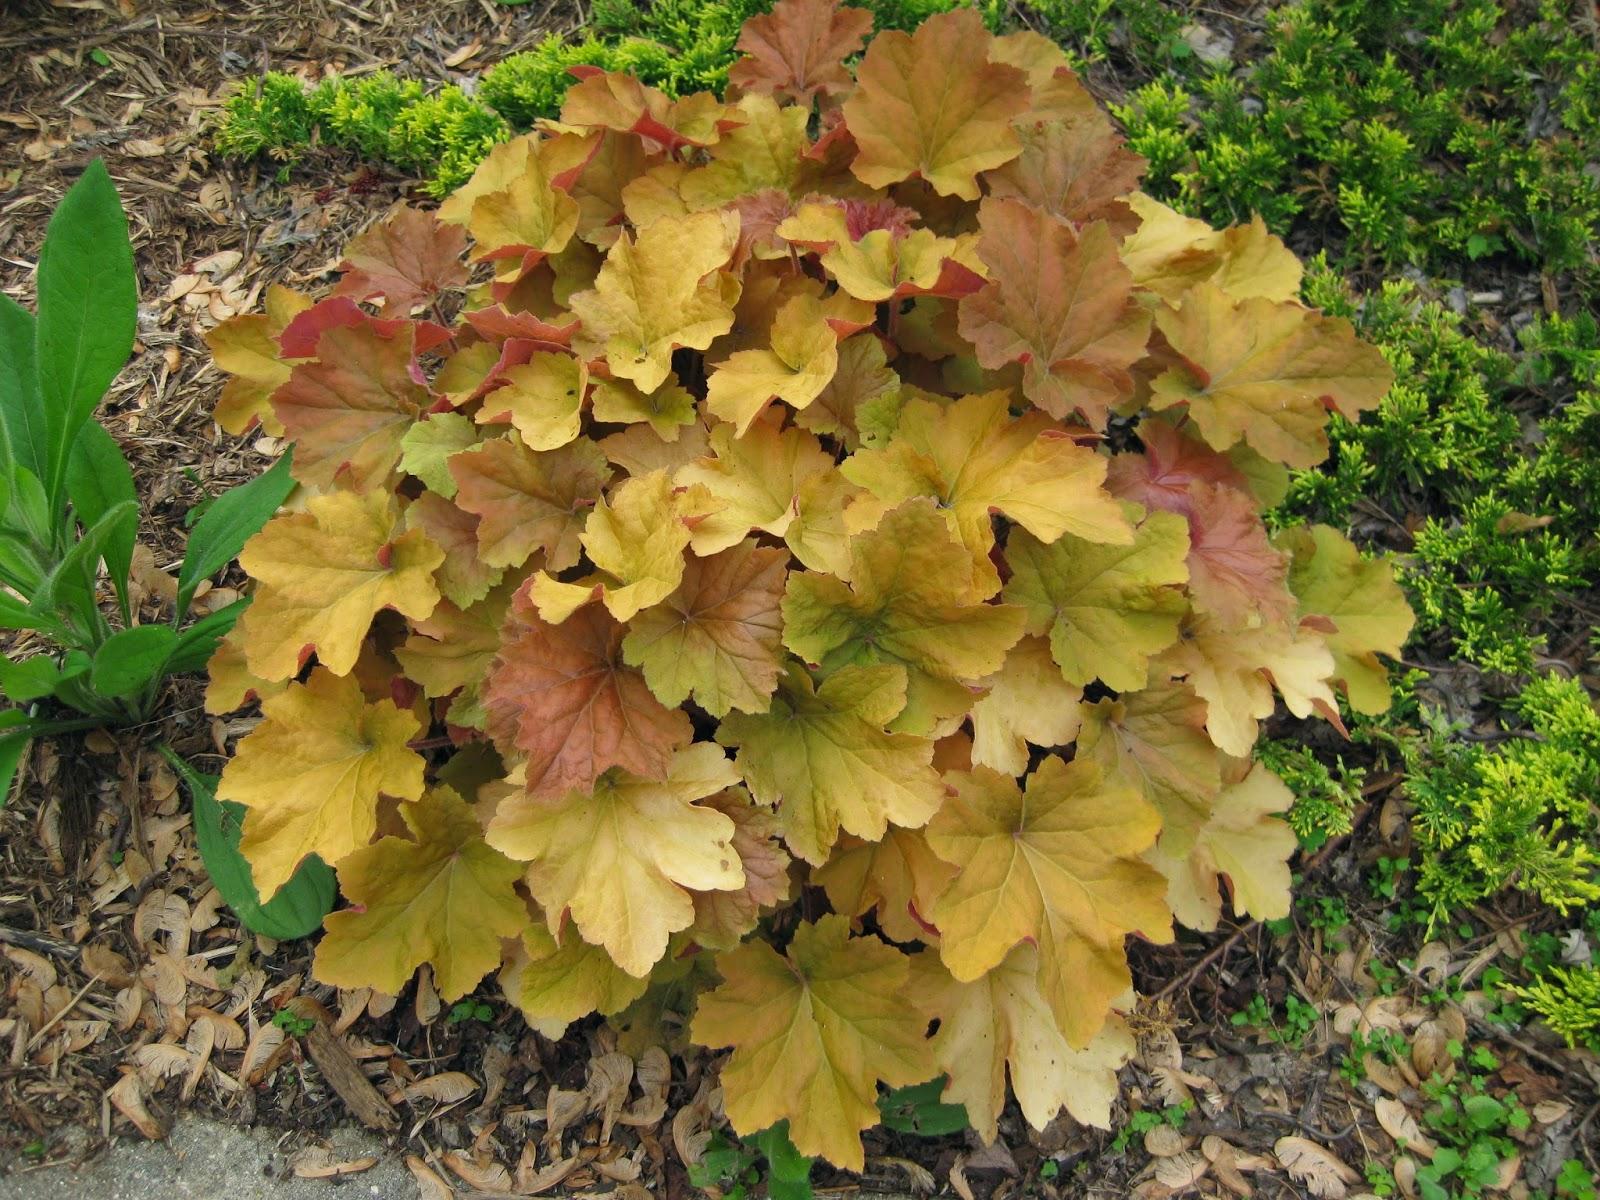 Rotary Botanical Gardens - Hort Blog: Orange Heucheras Abound